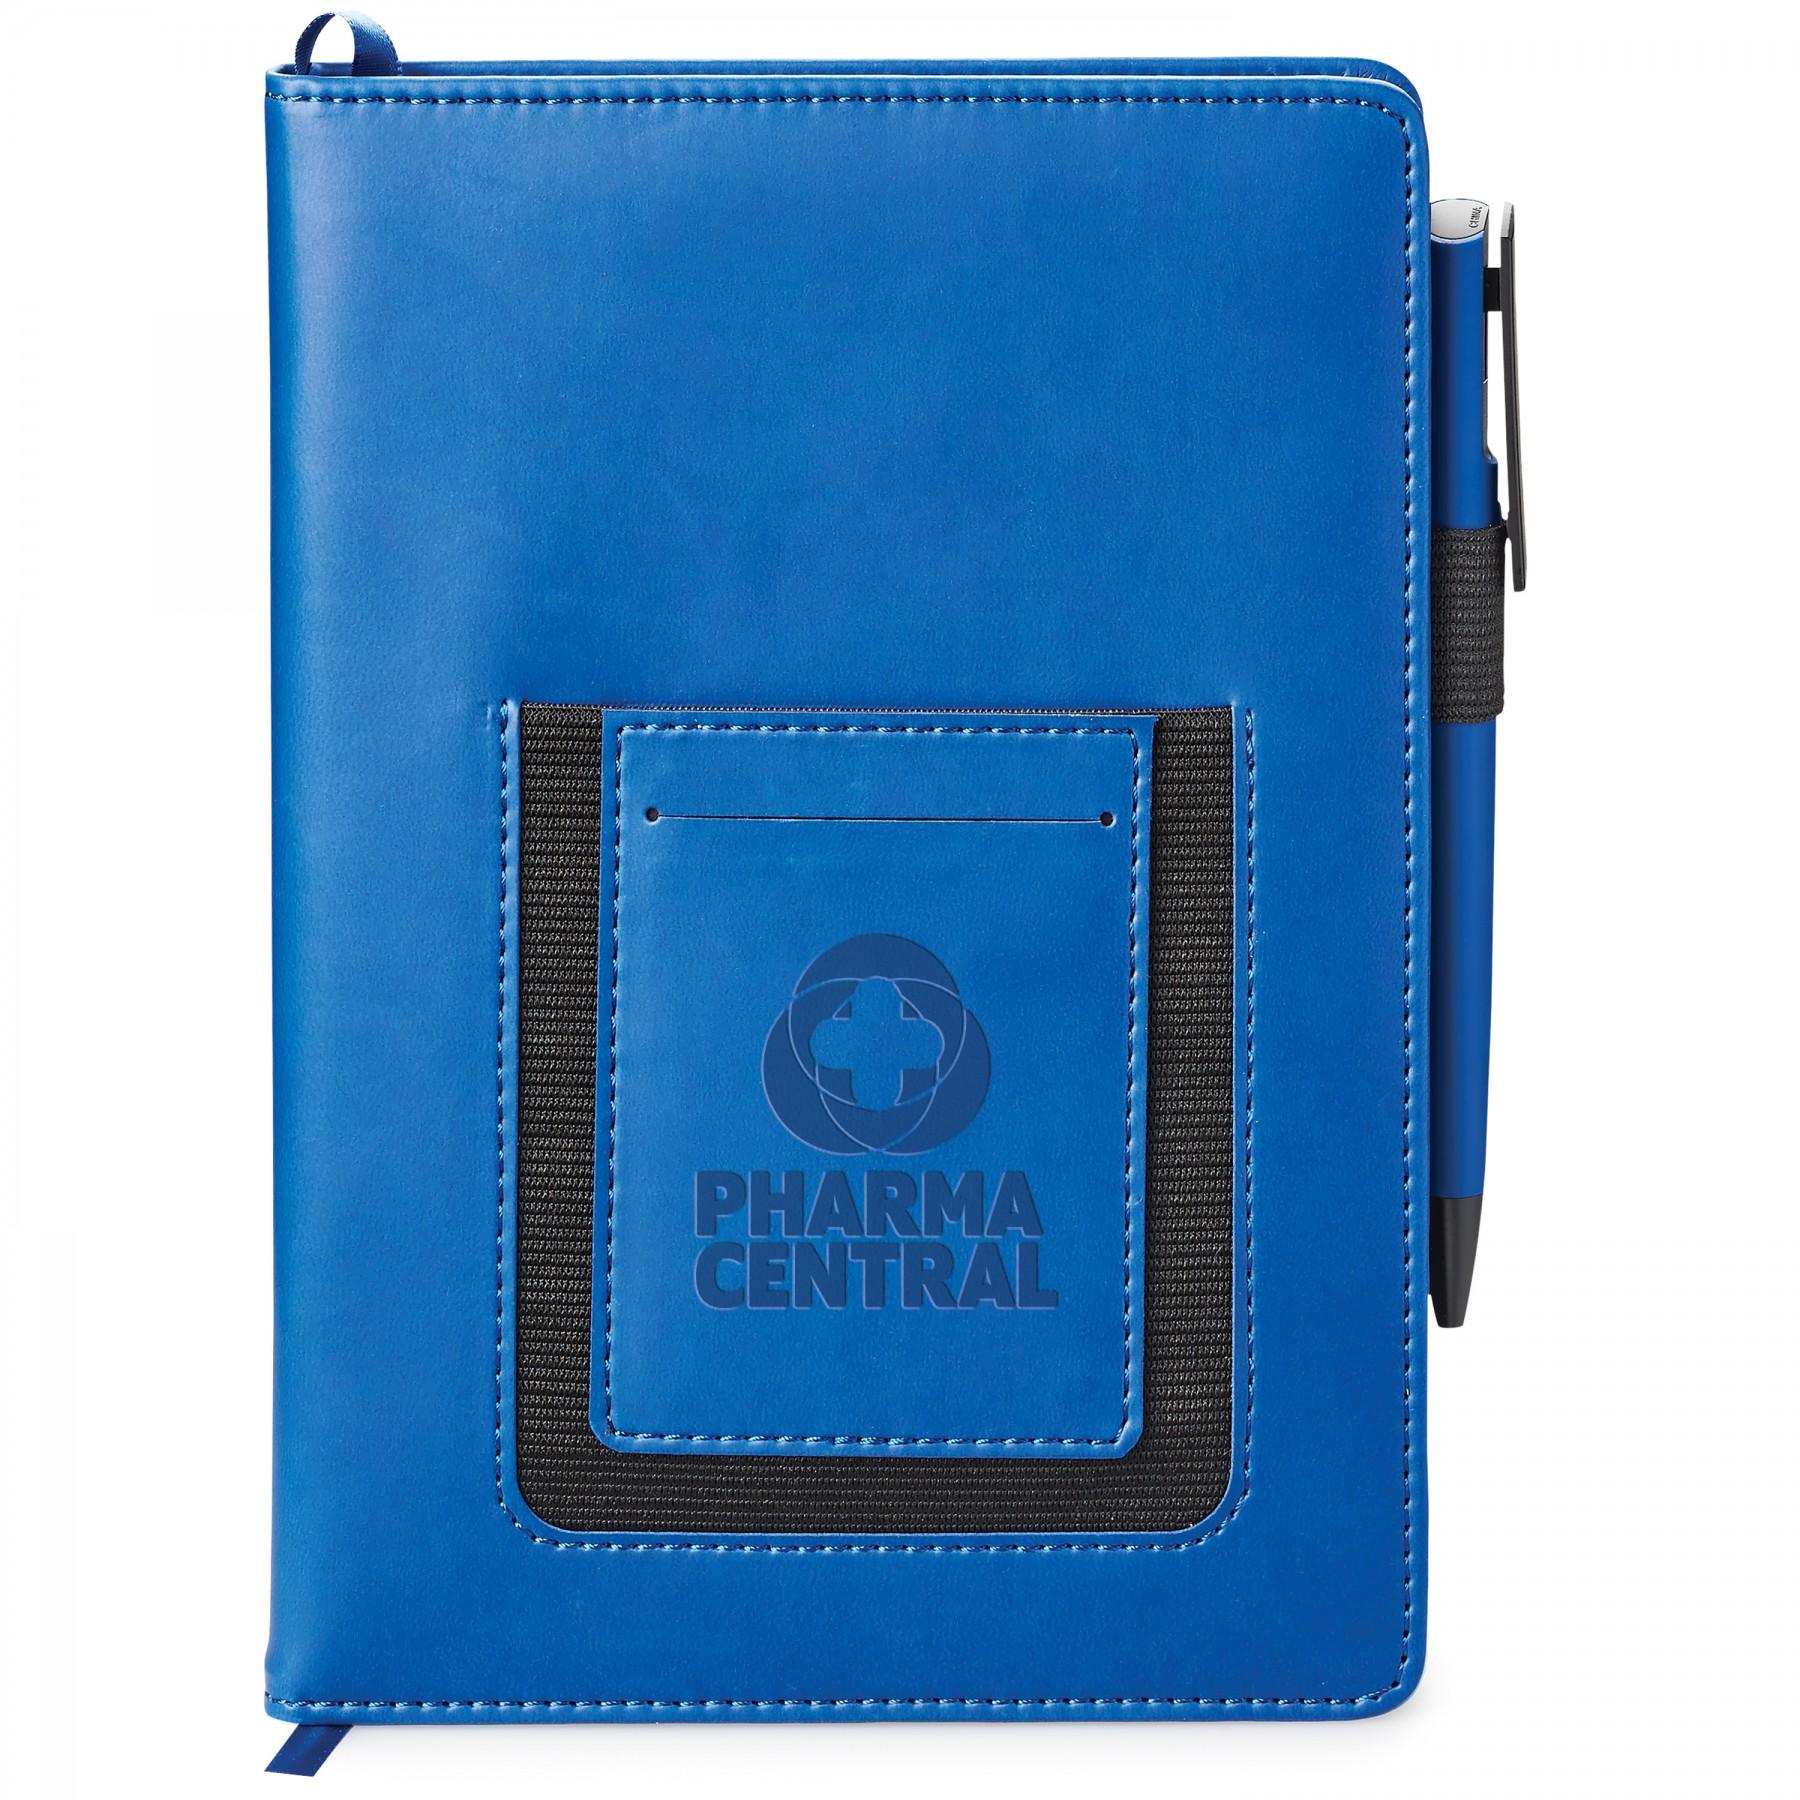 Donald Hard Cover Journal Combo, ST4734, Full Colour Imprint